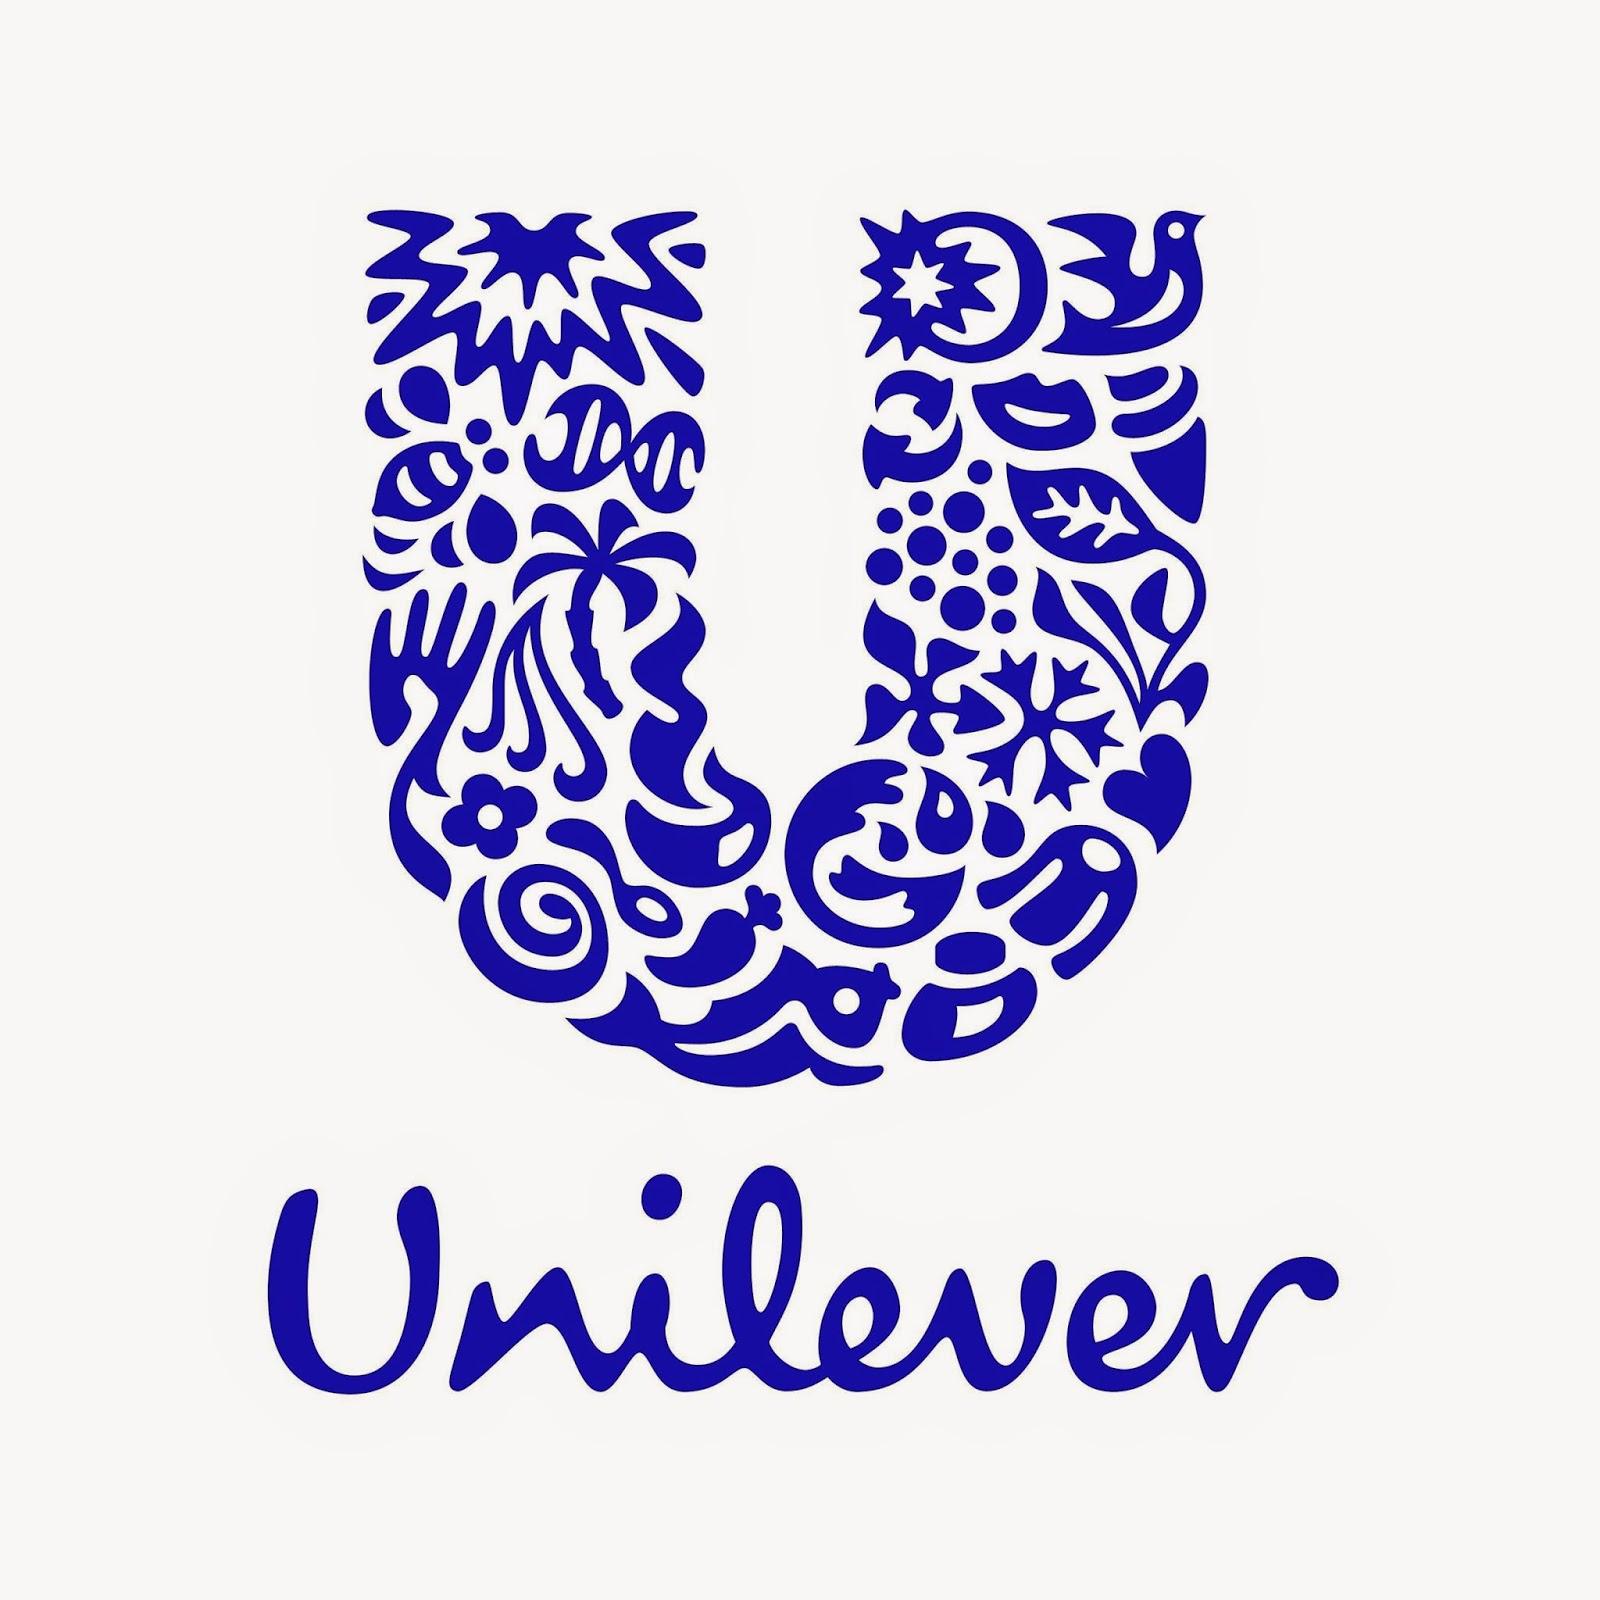 Lowongan Kerja Terbaru Di Surabaya PT. Unilever Indonesia, Tbk